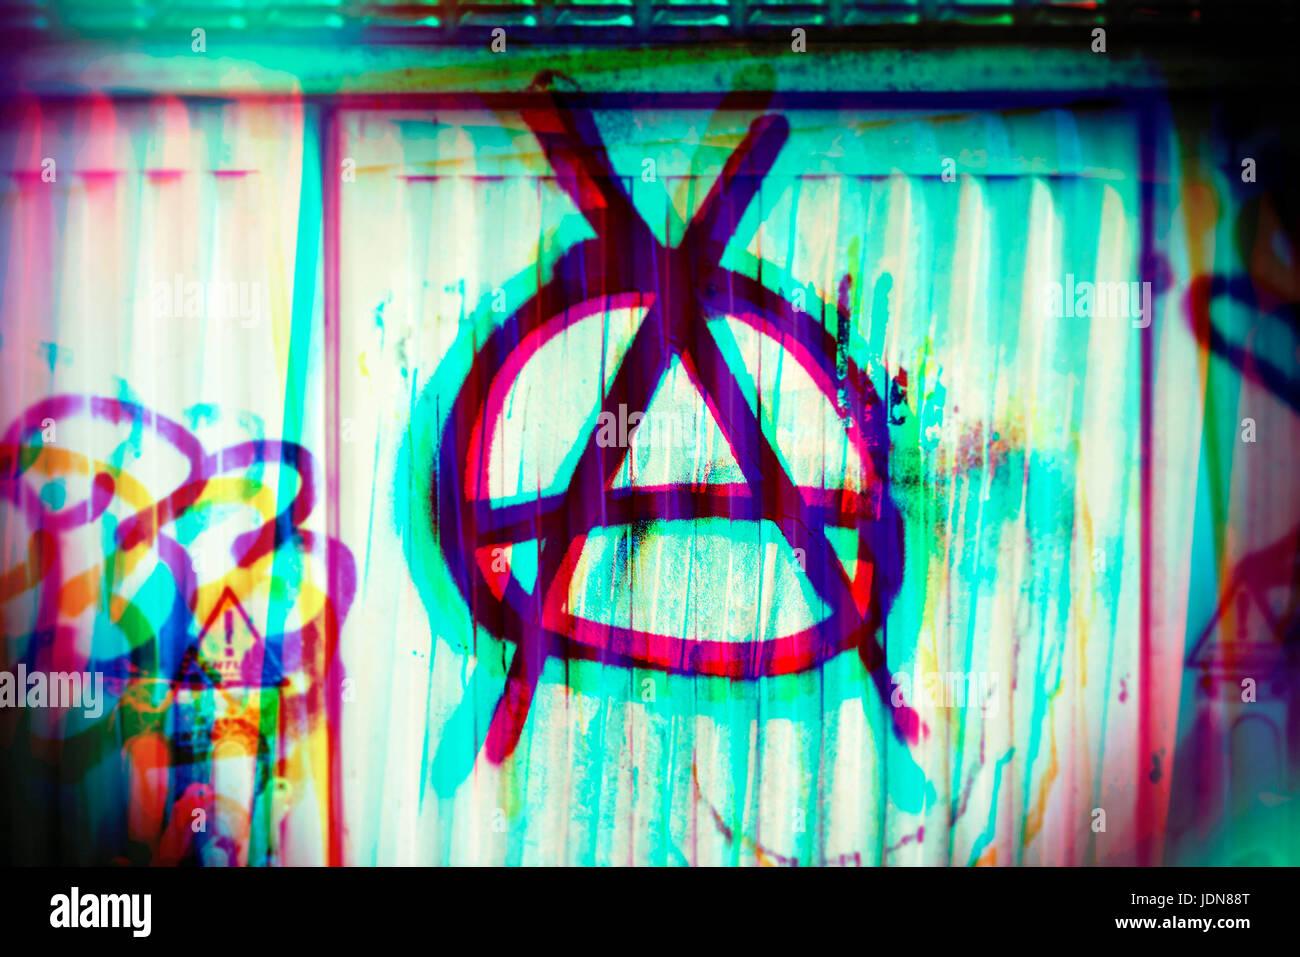 Anarchy symbol on a distributor box, Anarchie-Symbol auf einem Verteilerkasten - Stock Image